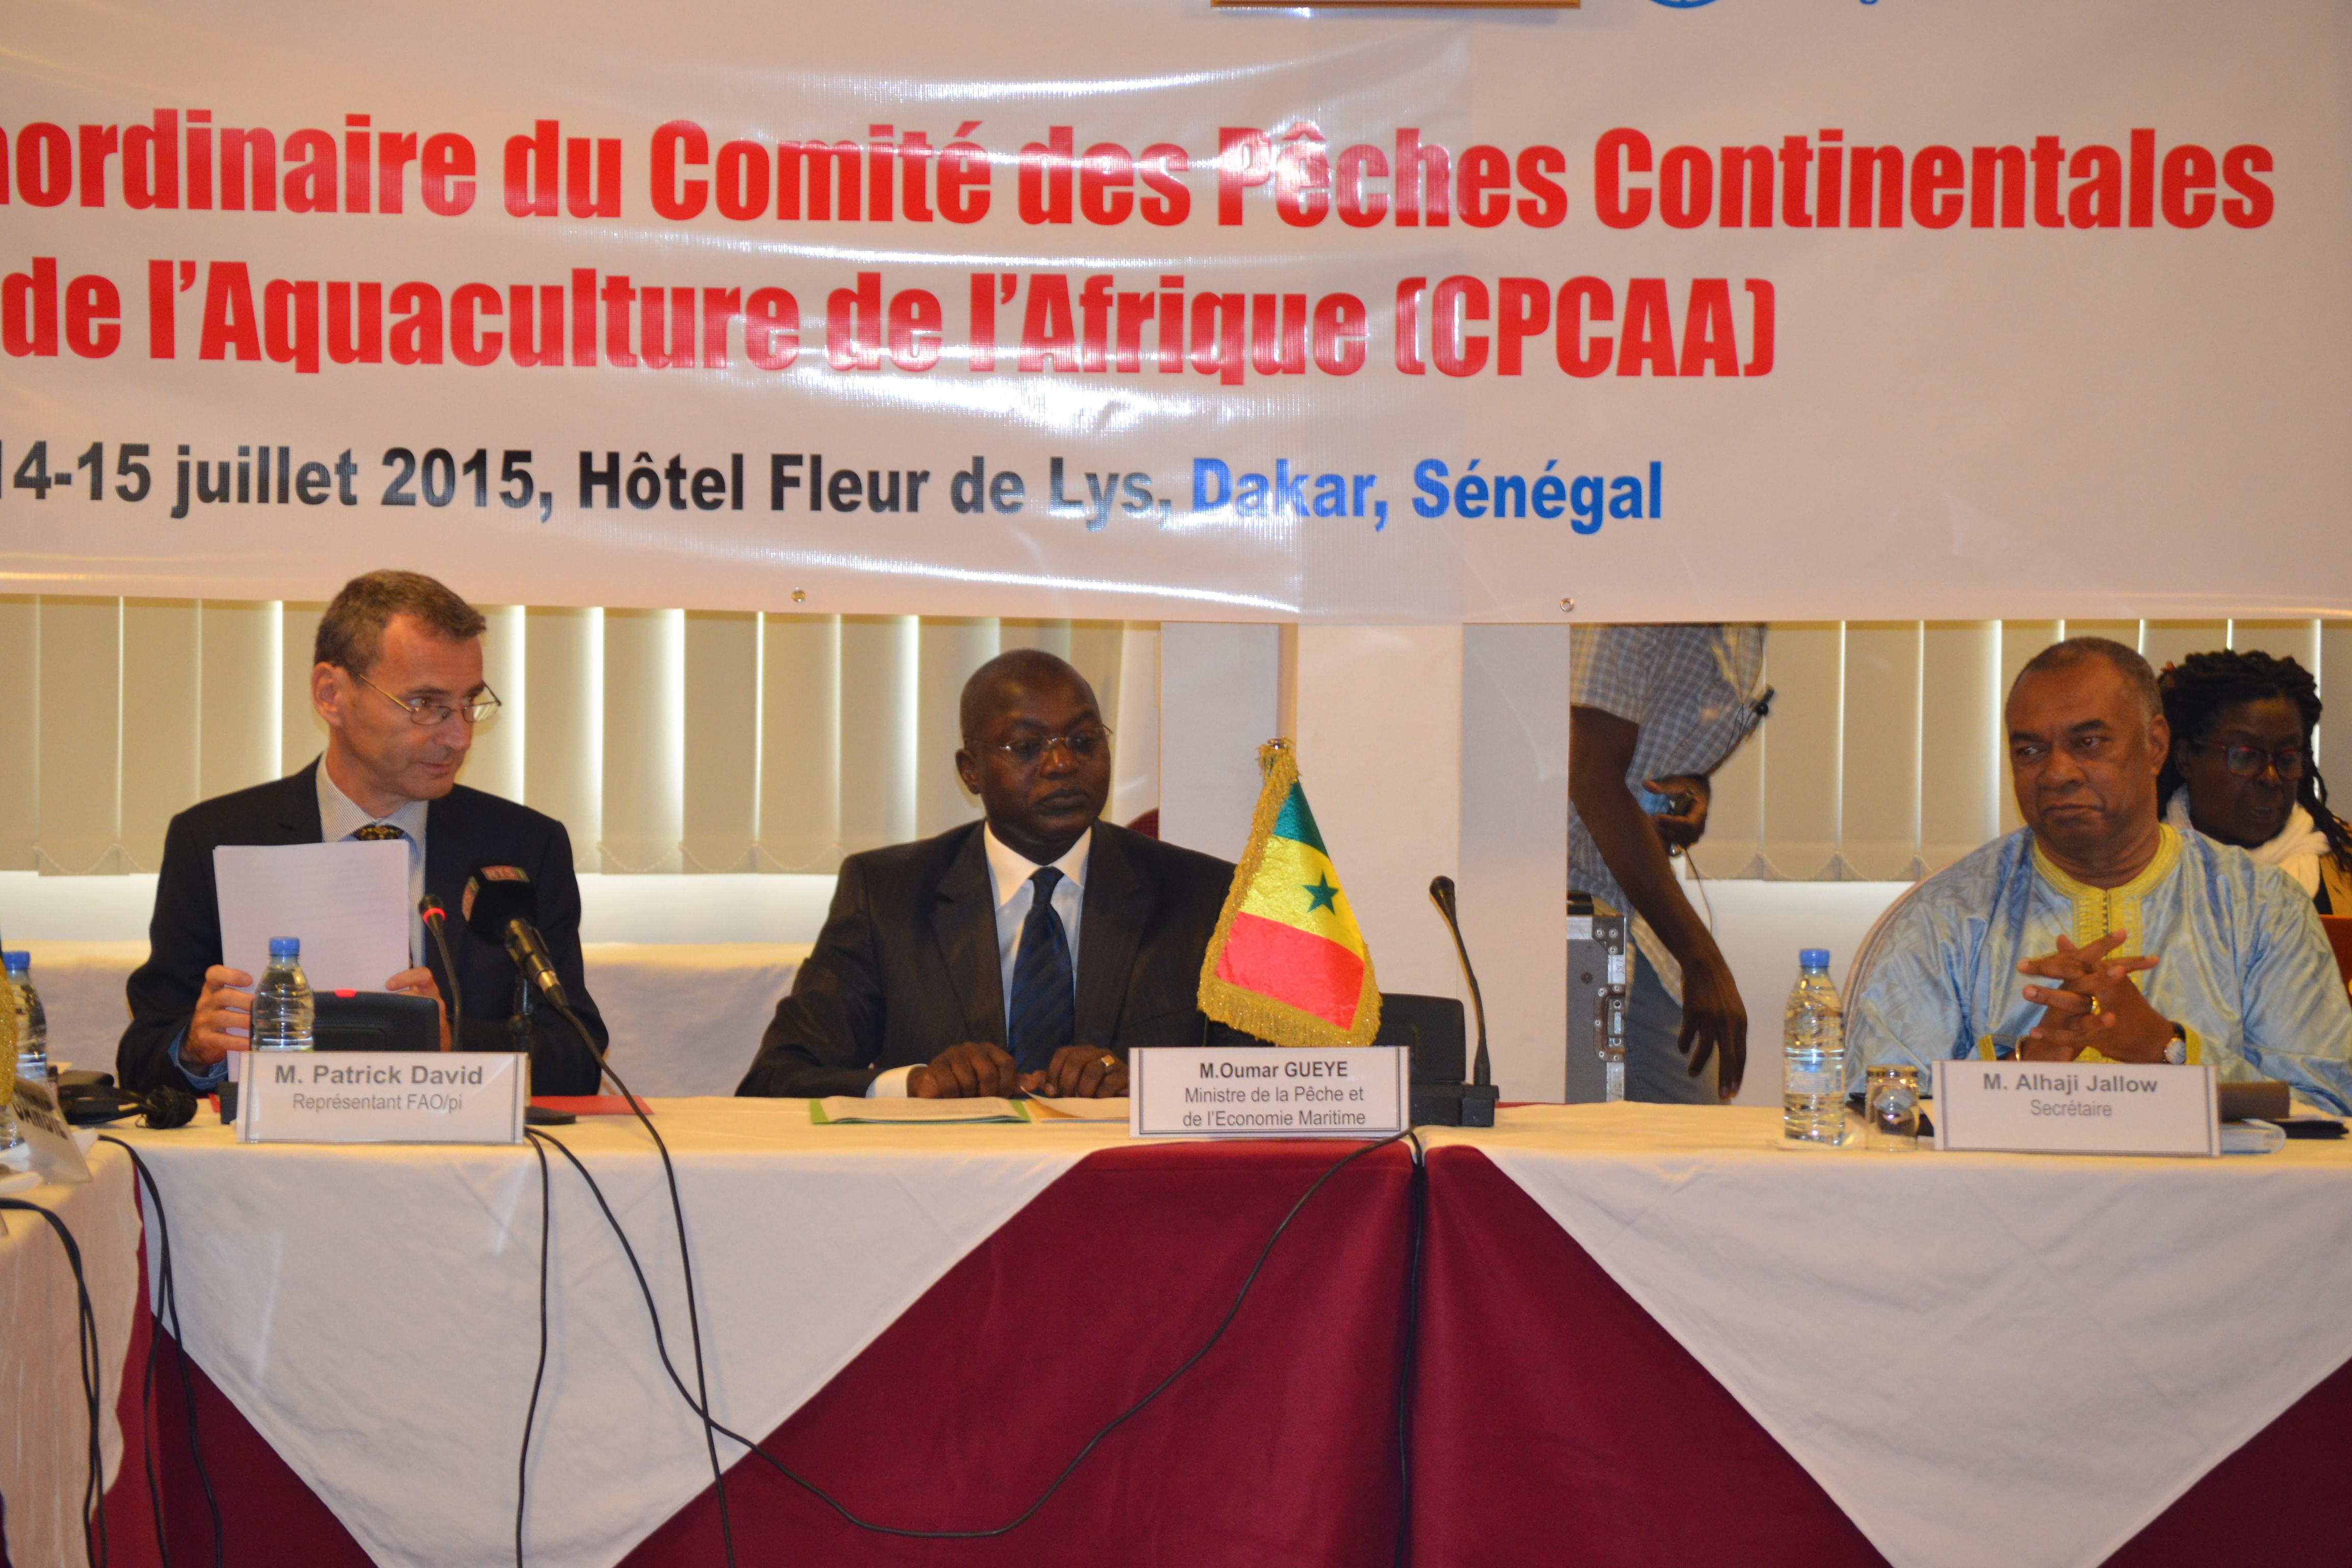 Patrick David, représentant de la Fao : « Les autorités africaines doivent donner une attention particulière à la pêche continentale... »